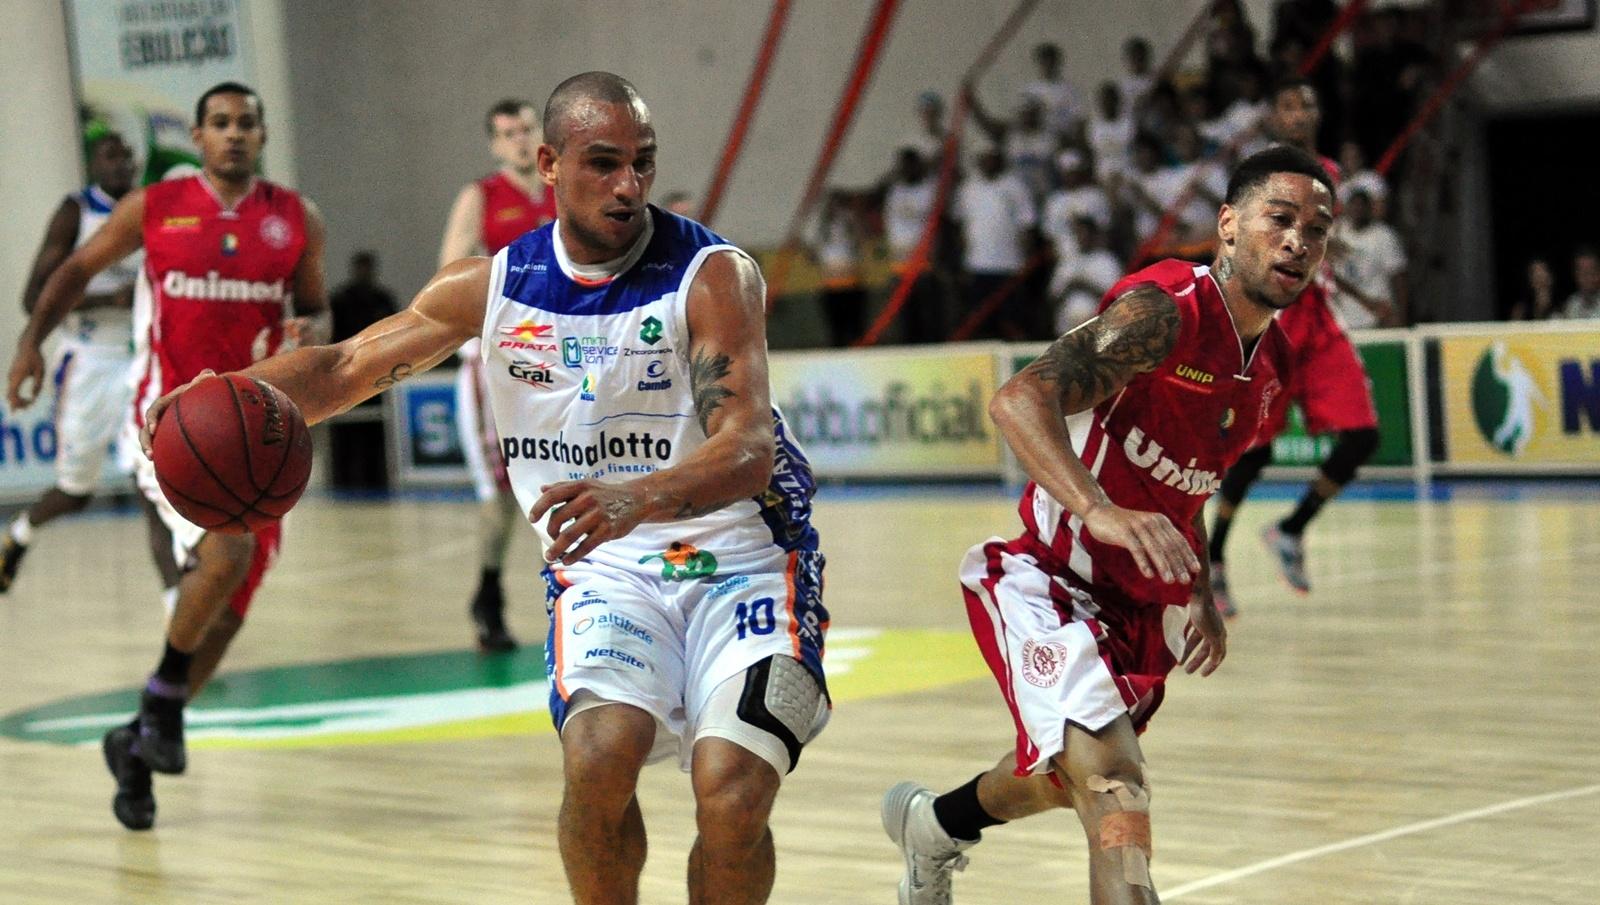 No primeiro turno, Alex teve estreia de gala, anotou 28 pontos e o Bauru venceu o Paulistano no Panela de Pressão (Henrique Costa/Bauru Basket)